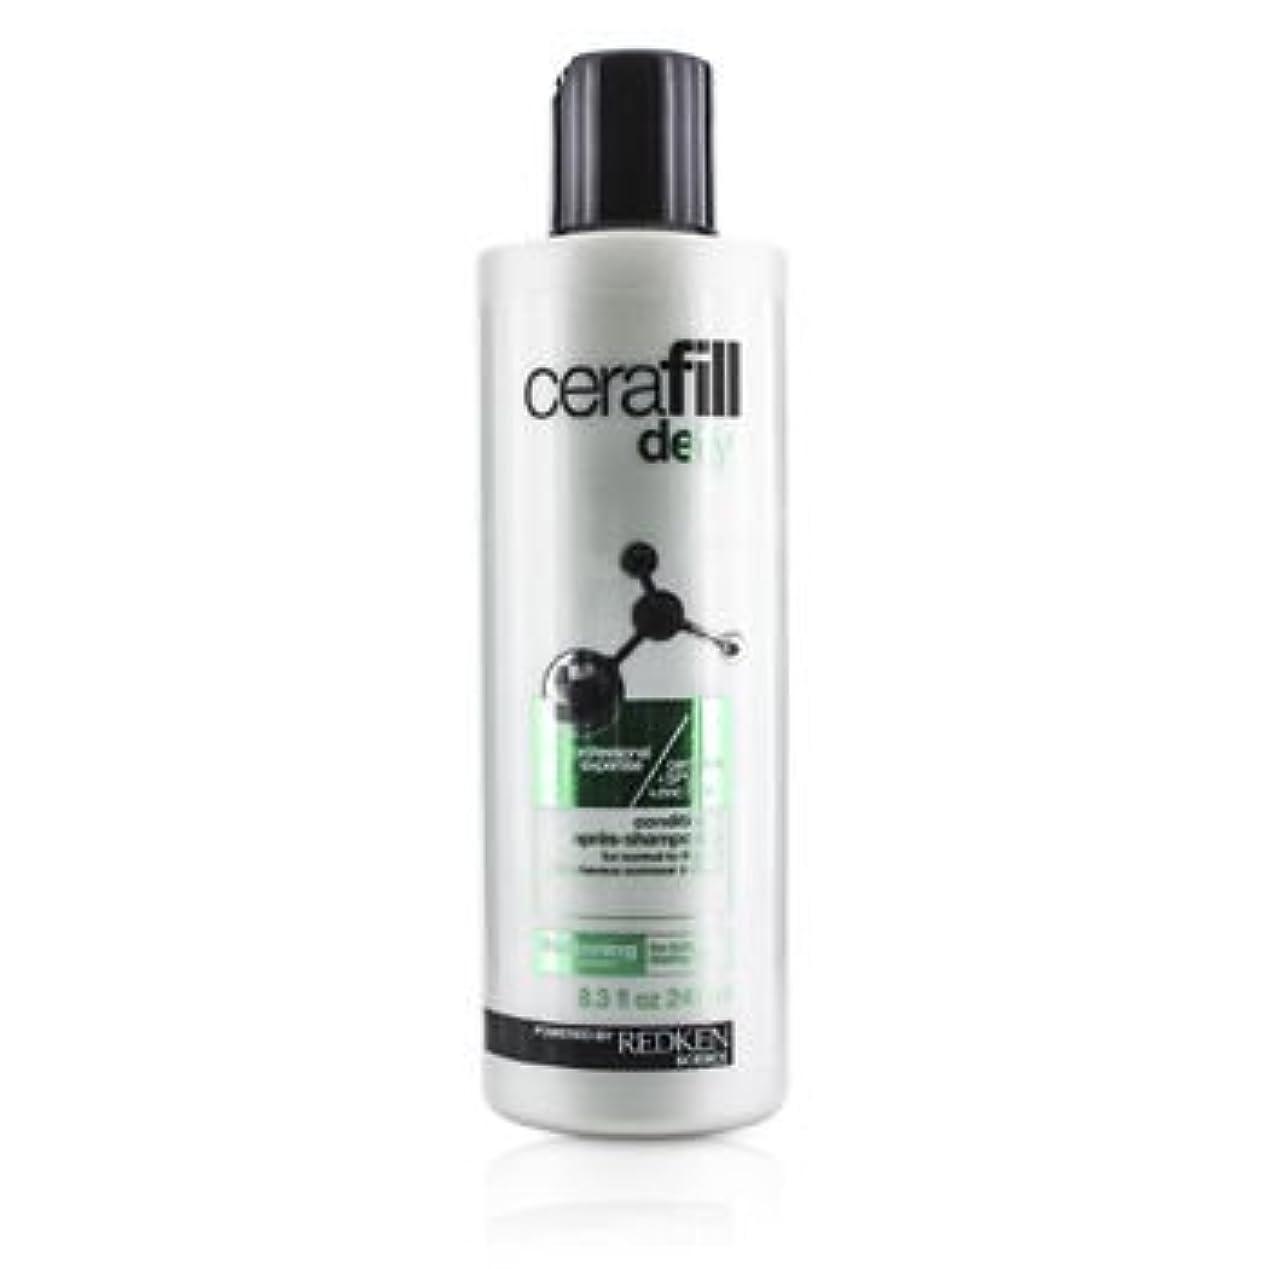 無心乞食乱す[Redken] Cerafill Defy Thickening Conditioner (For Normal to Thin Hair) 245ml/8.3oz